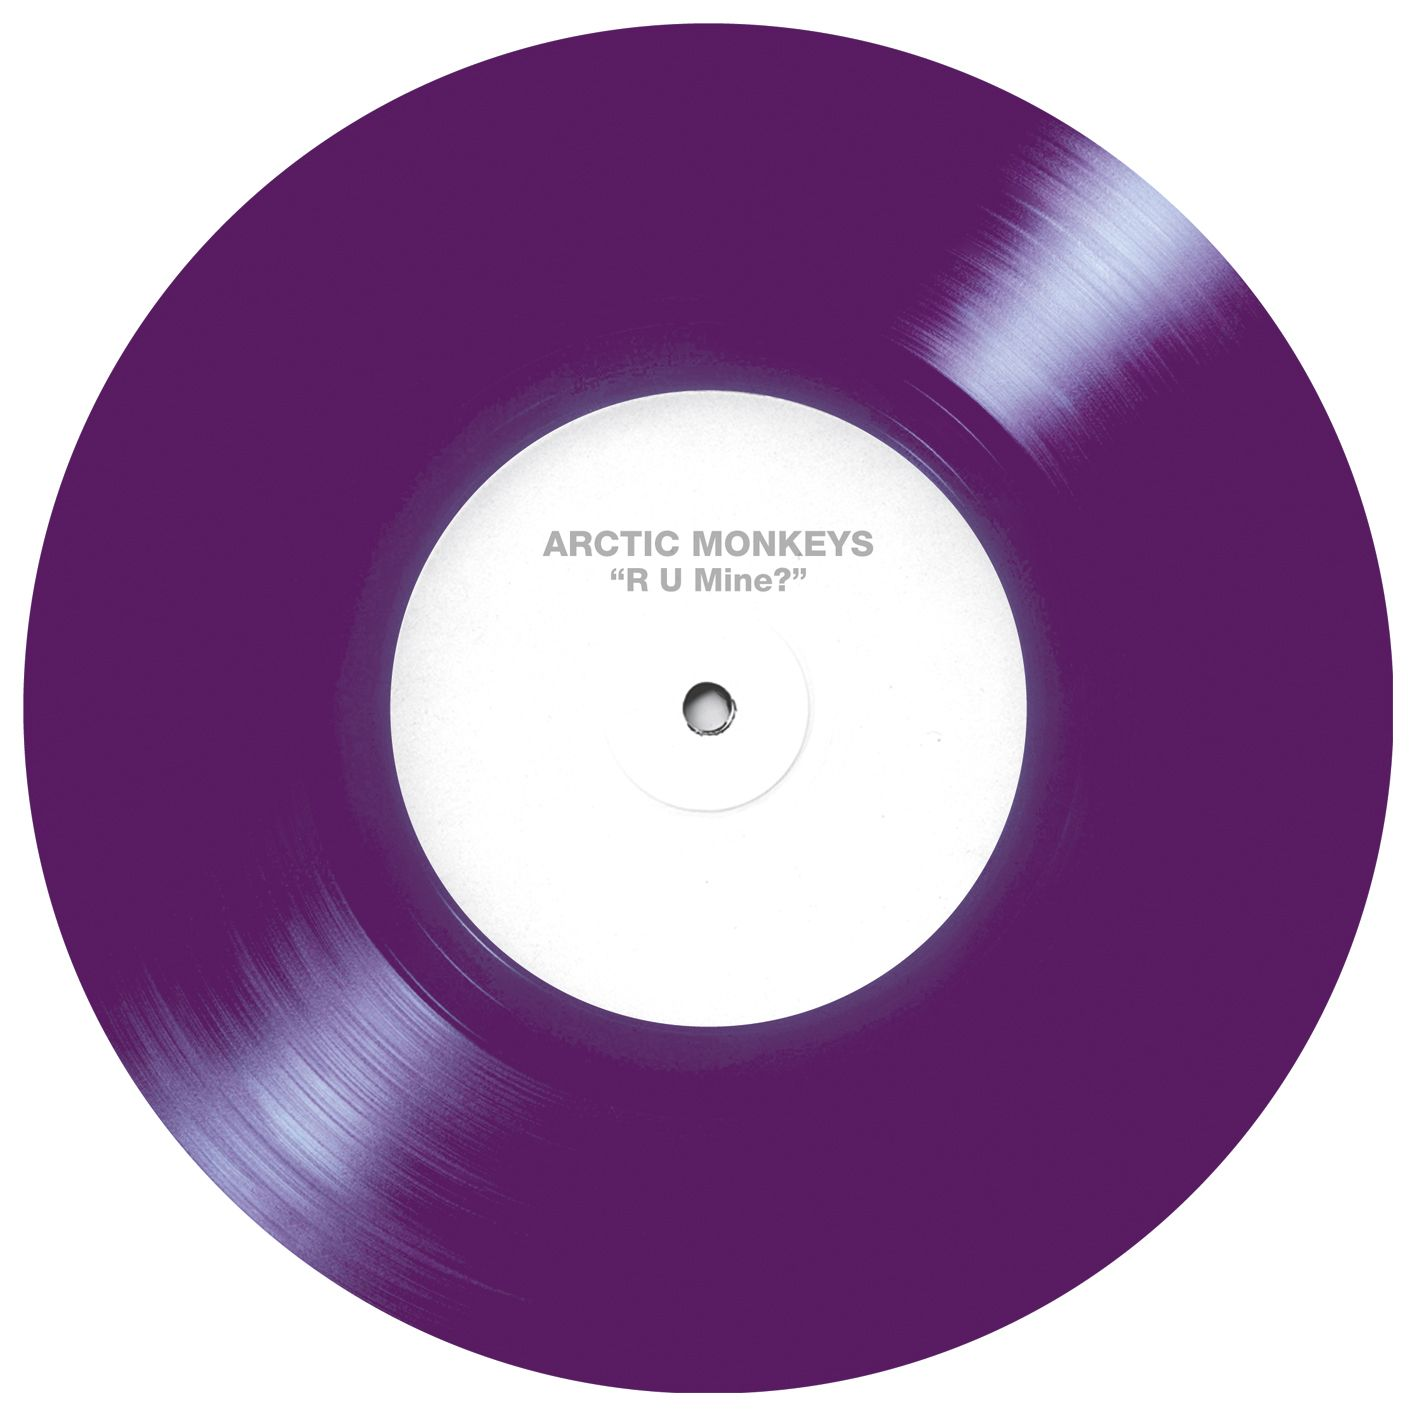 ARCTIC MONKEYS - R U Mine? (7'' 45)